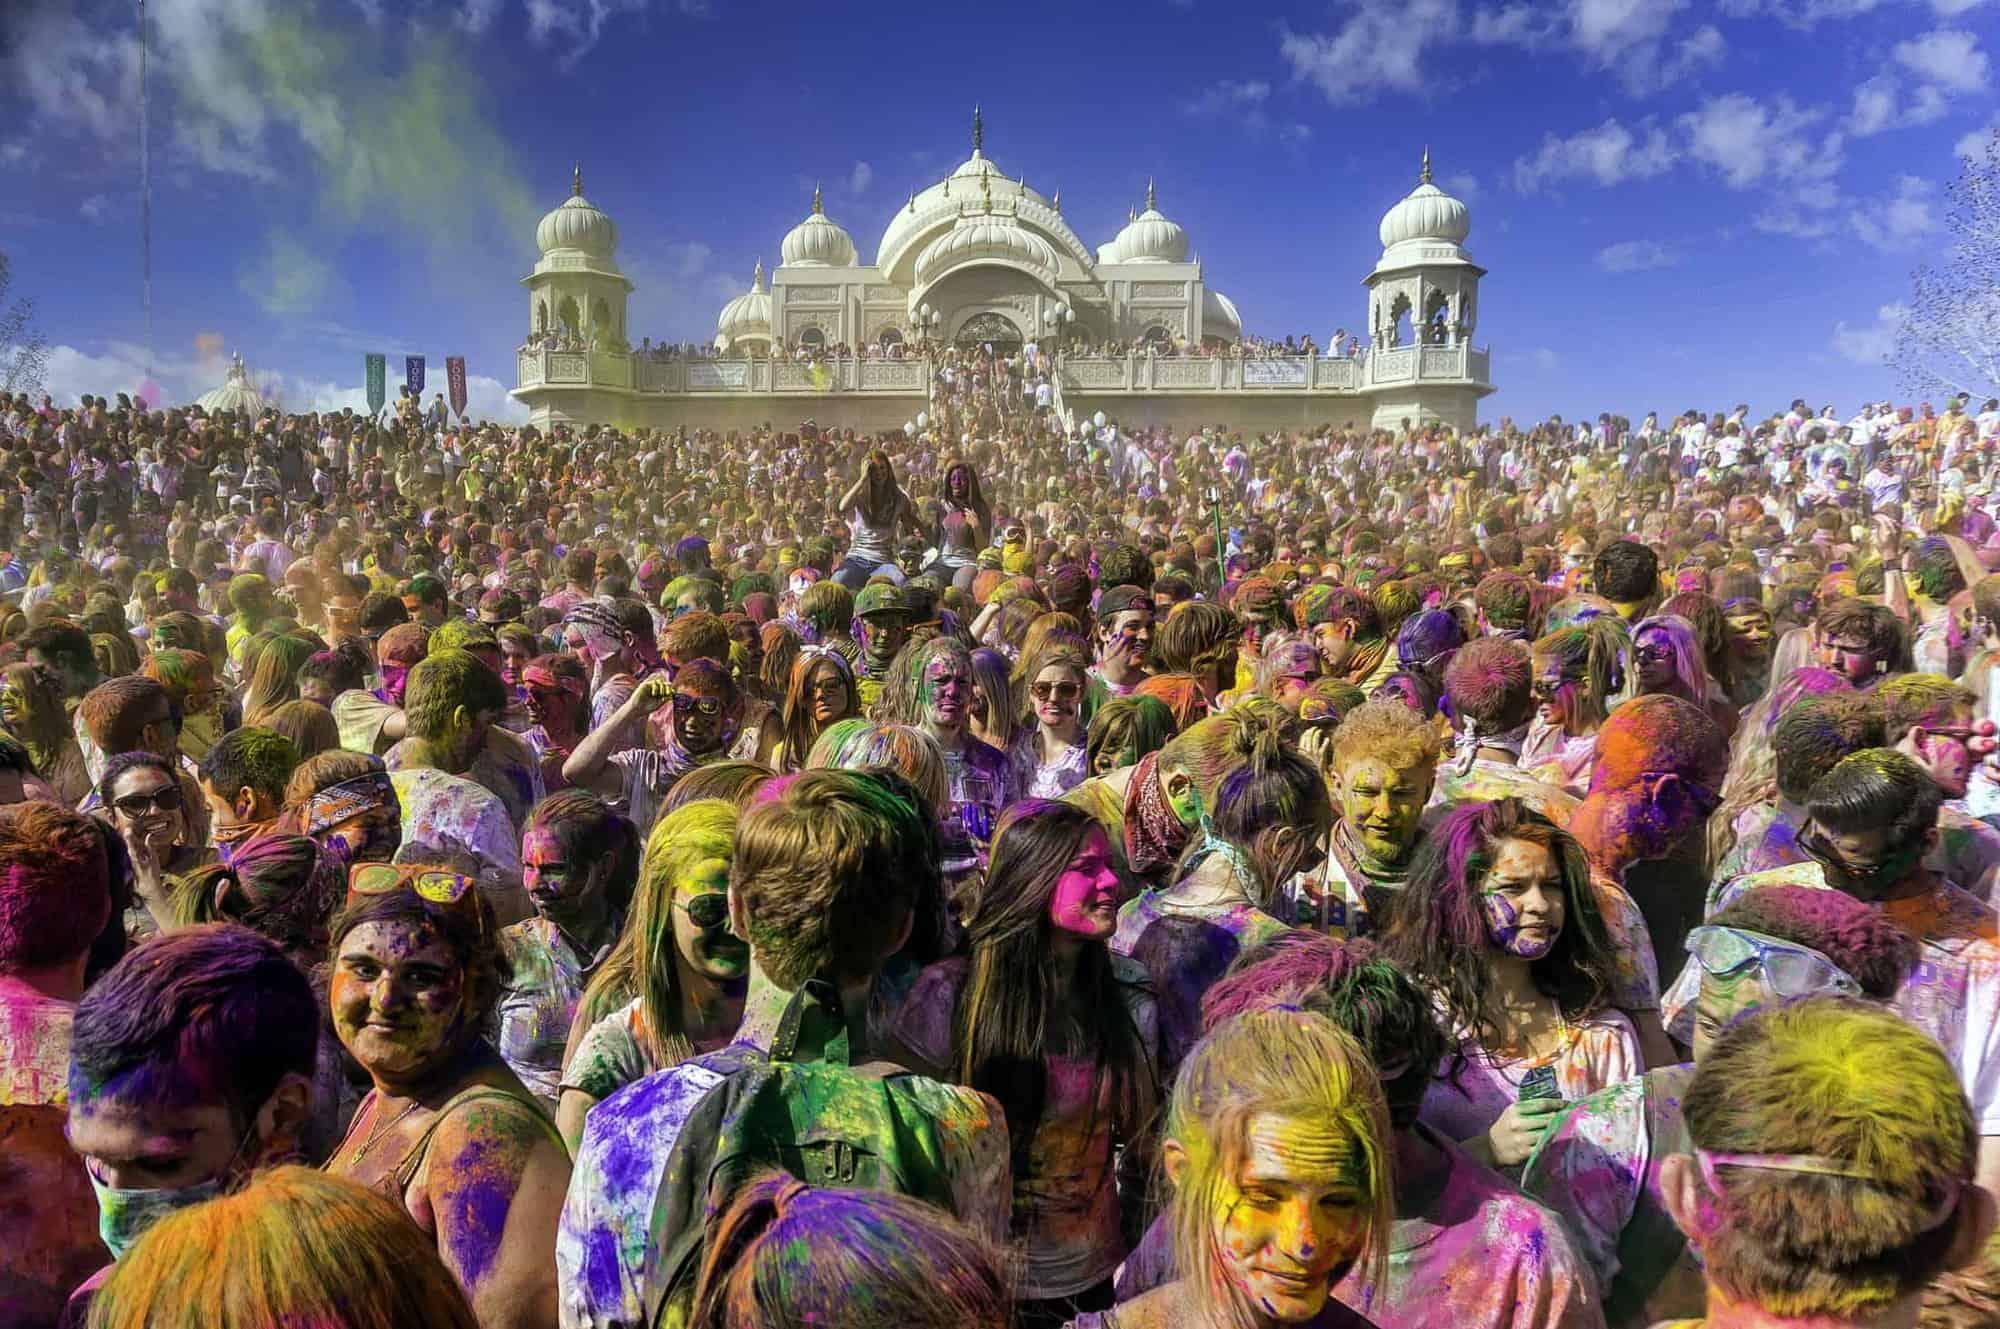 10 प्रसिद्ध और सबसे लोकप्रिय भारतीय त्यौहार - 10 Great Kings of India